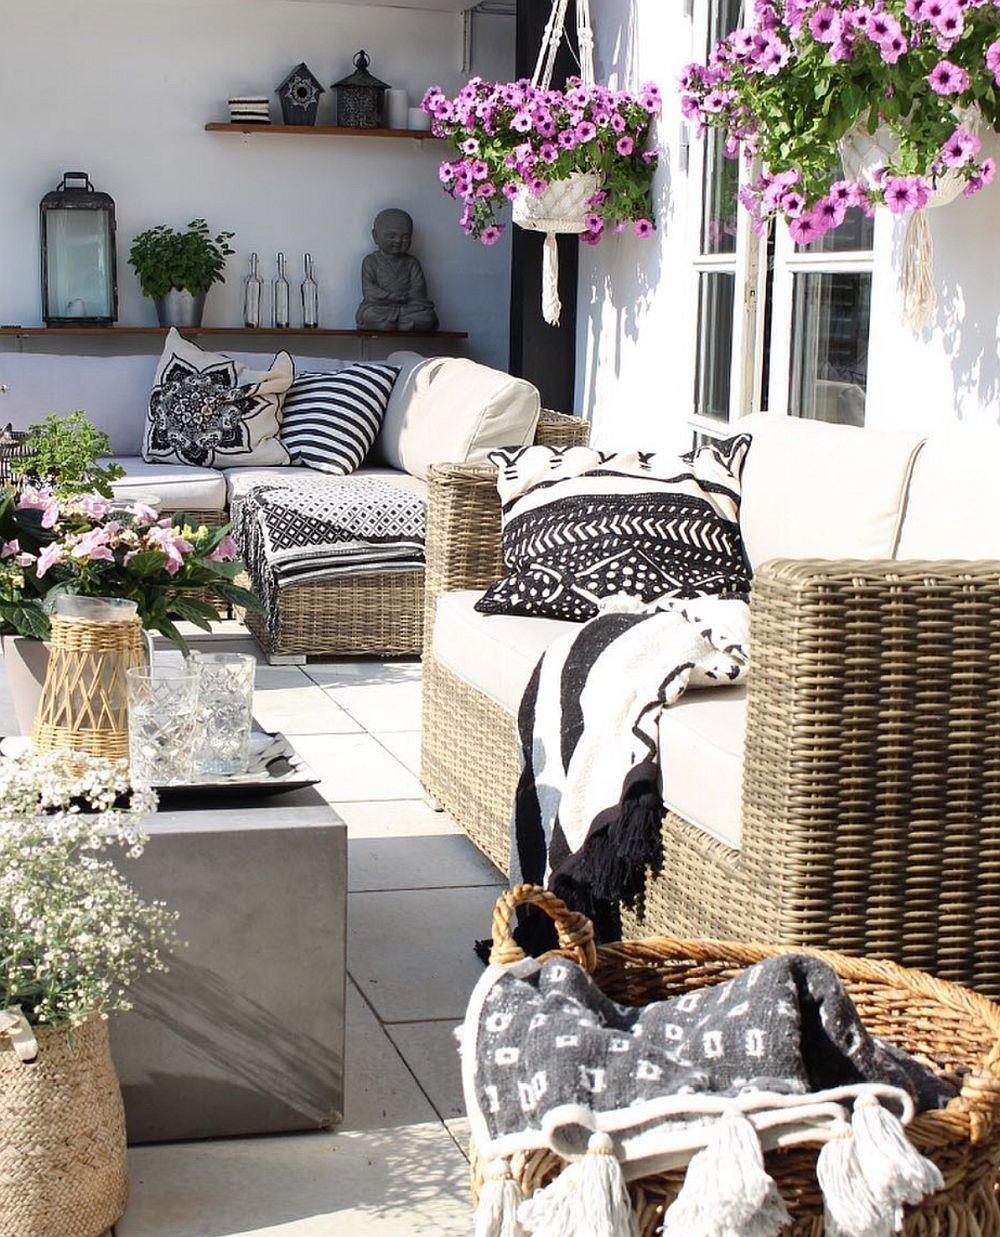 adelaparvu.com despre terasa in stil Nordic Boho, designer si foto Kristen Skovbon (2)